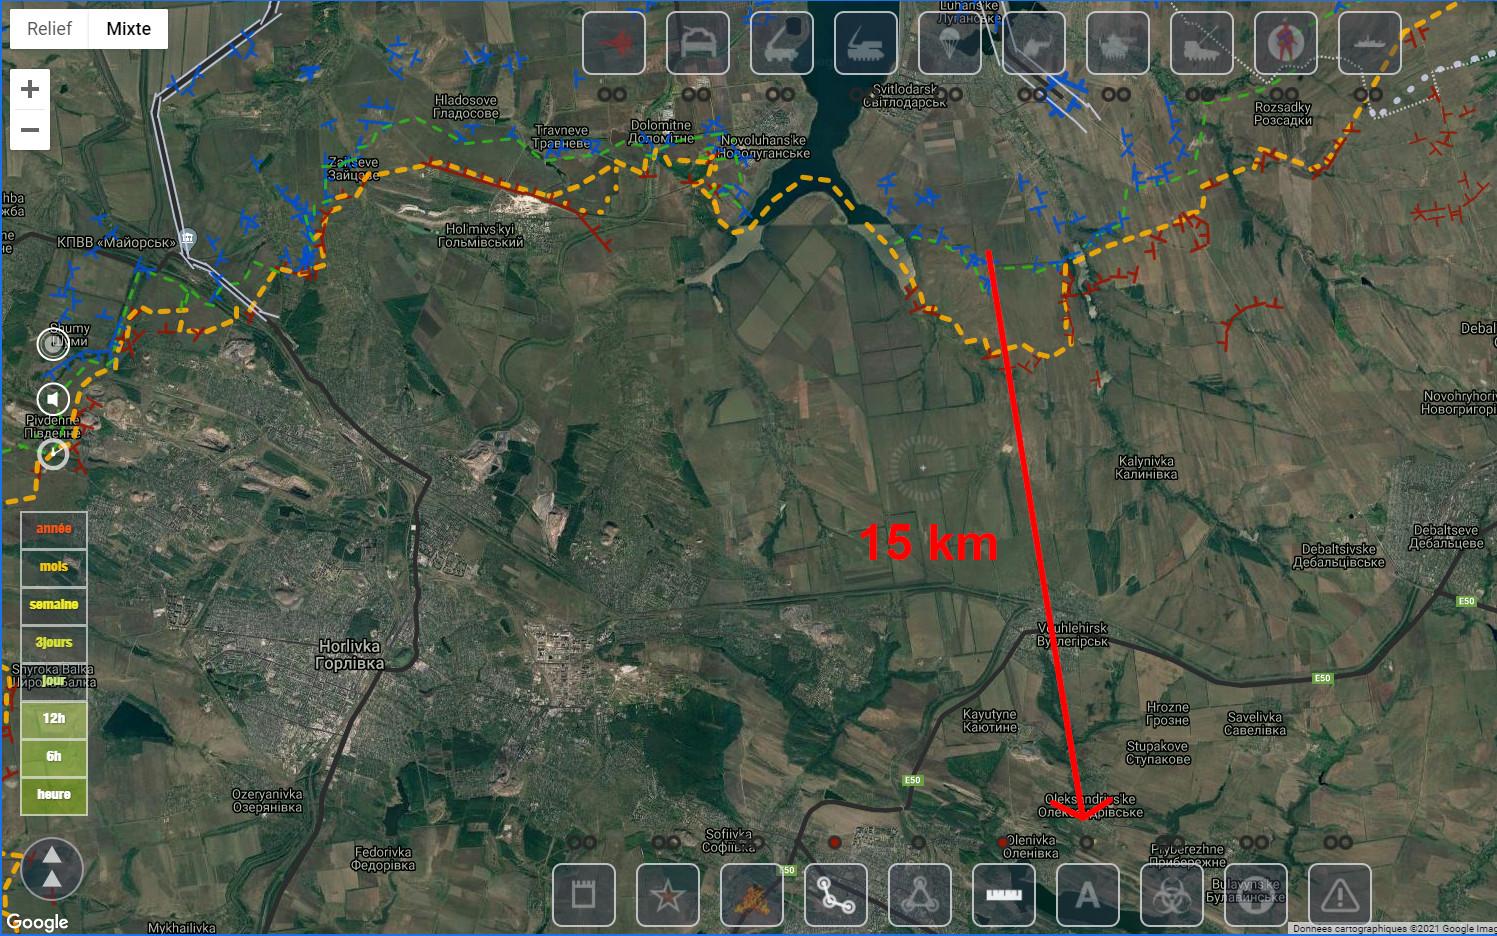 Vraie carte montrant la distance entre la ligne de front et Alexandrovskoye